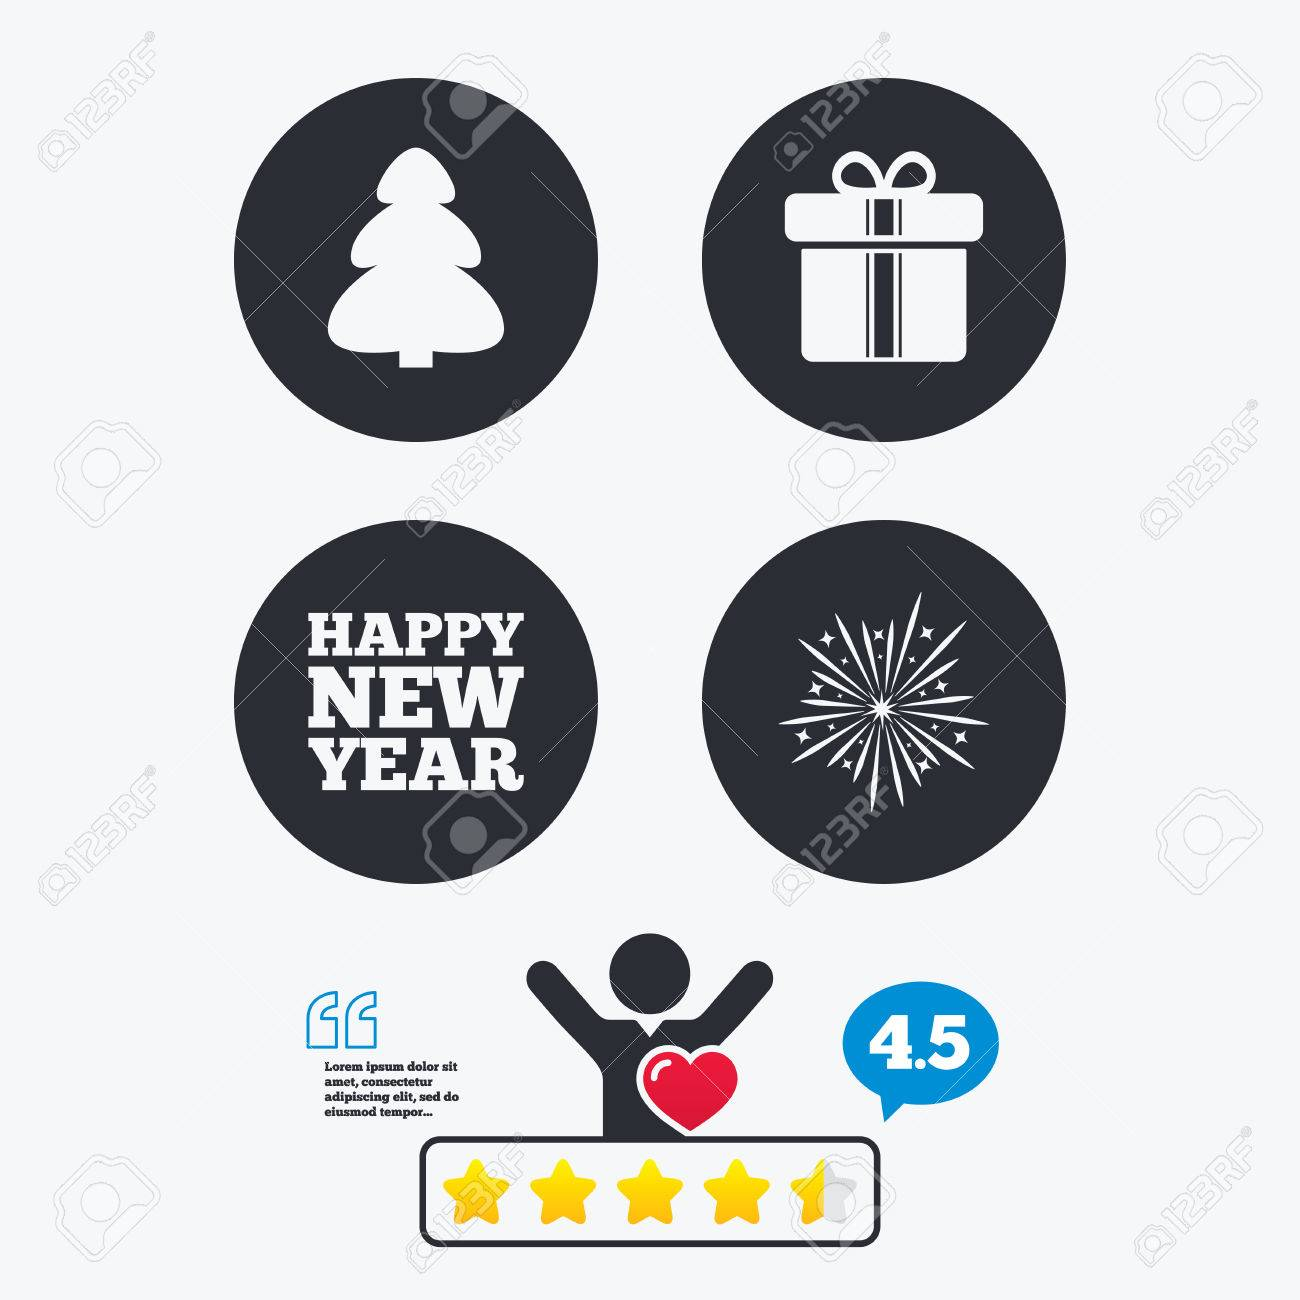 Cadeau De Noel Classe.Bonne Année Icône Signes De Sapin Et De Boîte De Cadeau De Noël Symbole Explosif De Feux D Artifice Classement Des Votes étoiles Le Client Aime Et